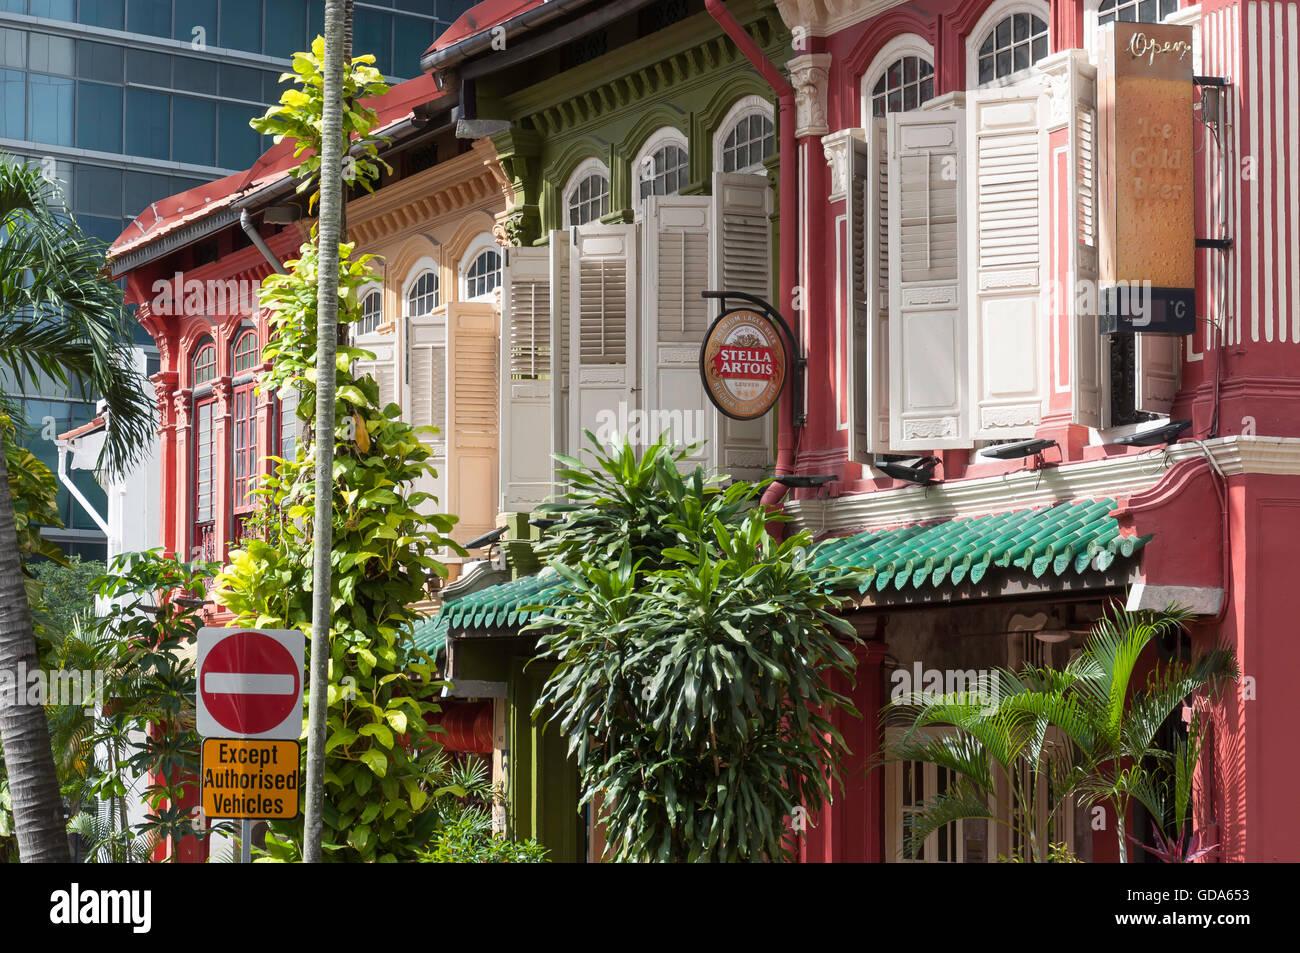 Architettura coloniale sulla Emerald Hill Road, zona centrale, Singapore Island (Pulau Ujong), Singapore Immagini Stock